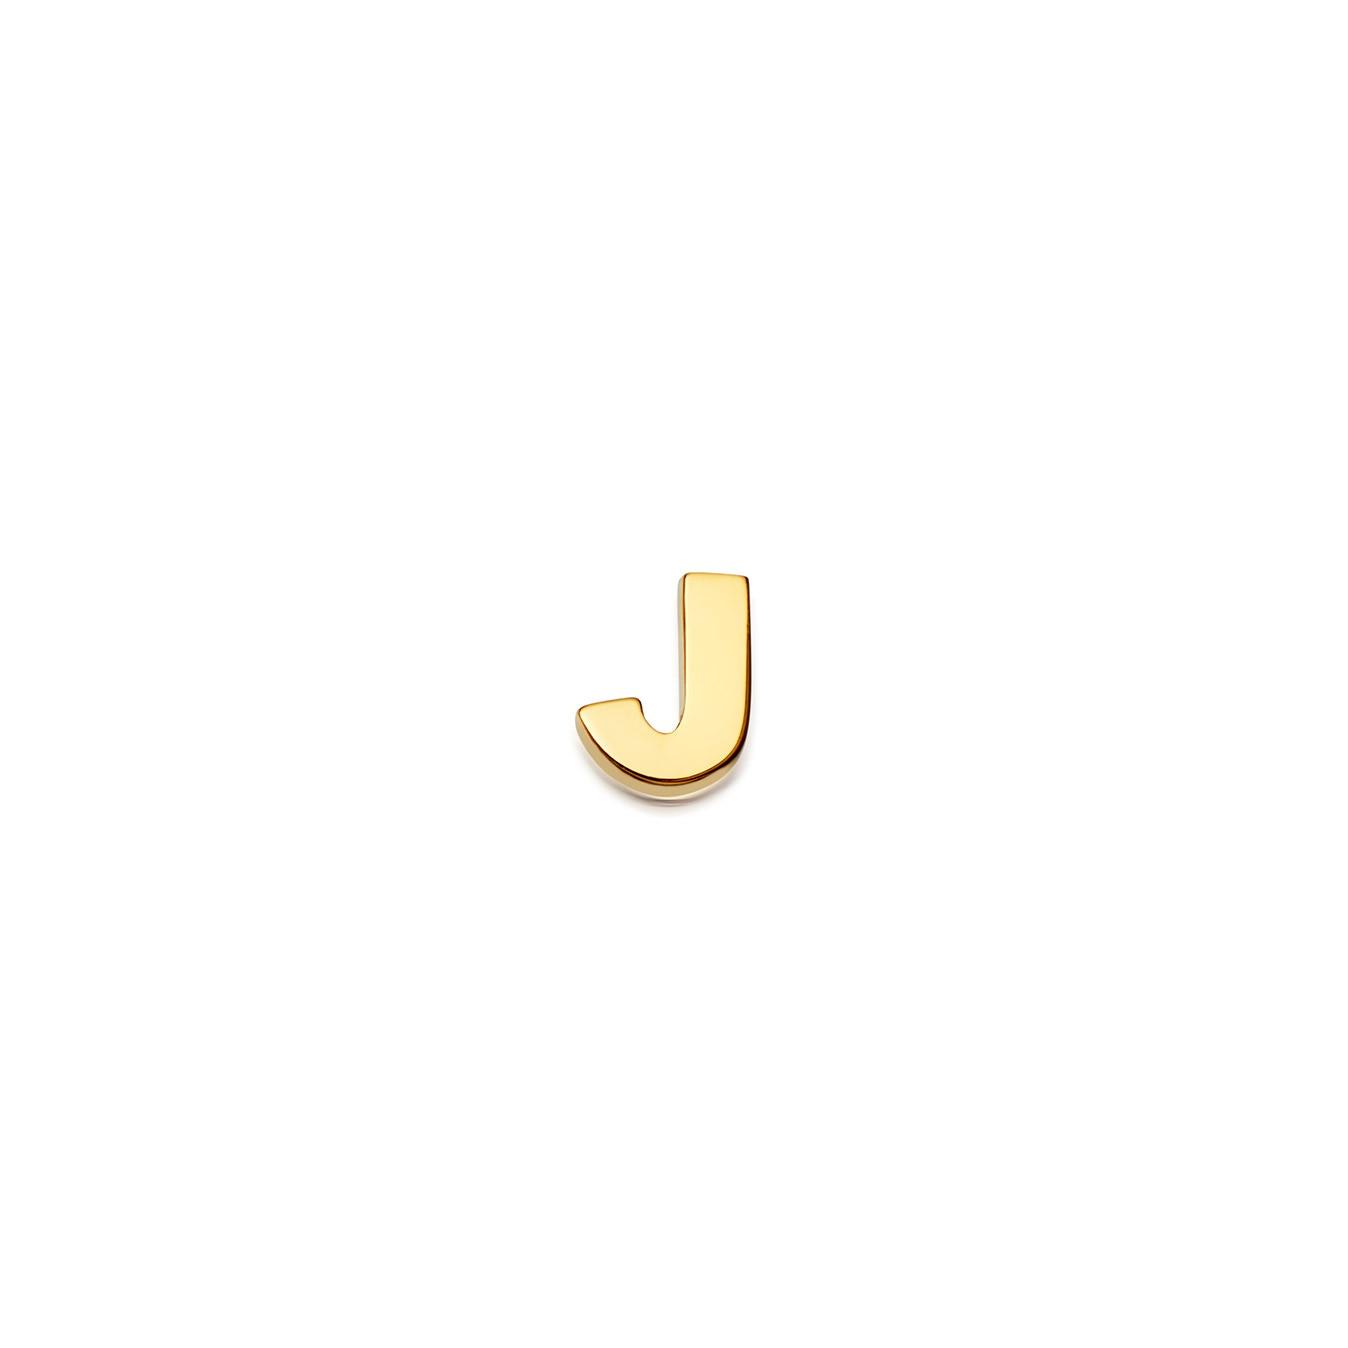 Initial 'J' Biography Pin